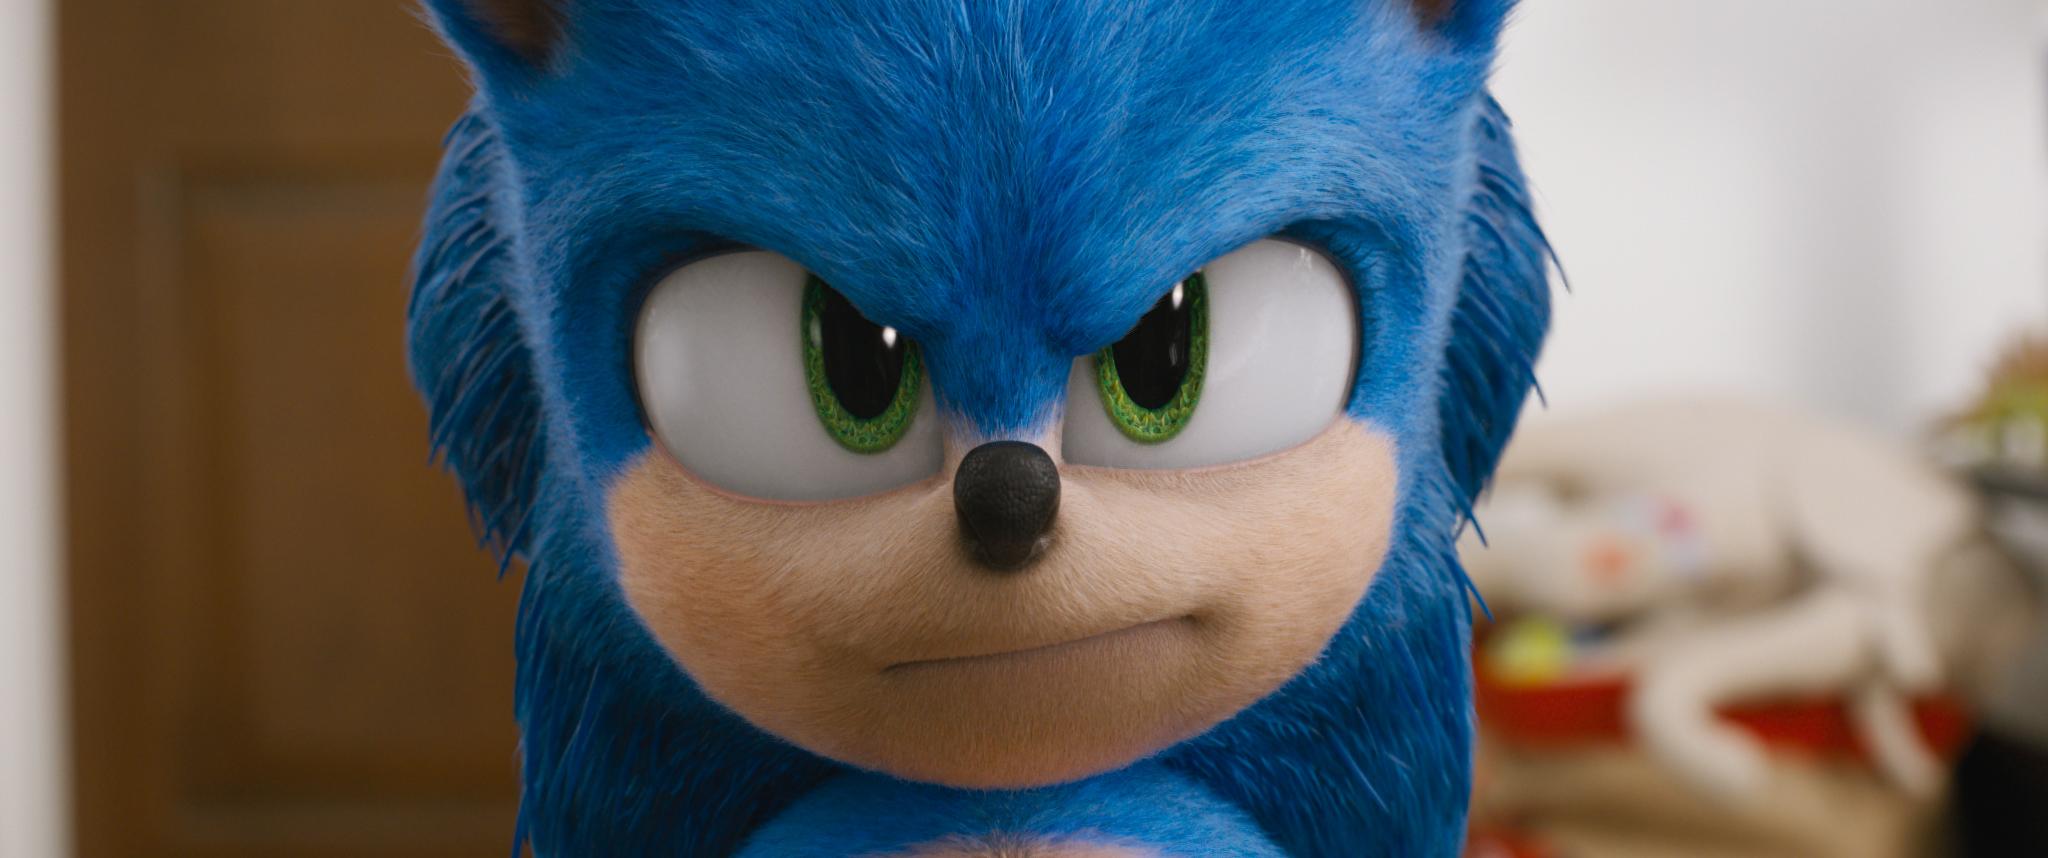 Longa do Sonic transborda fofura e altas emoções